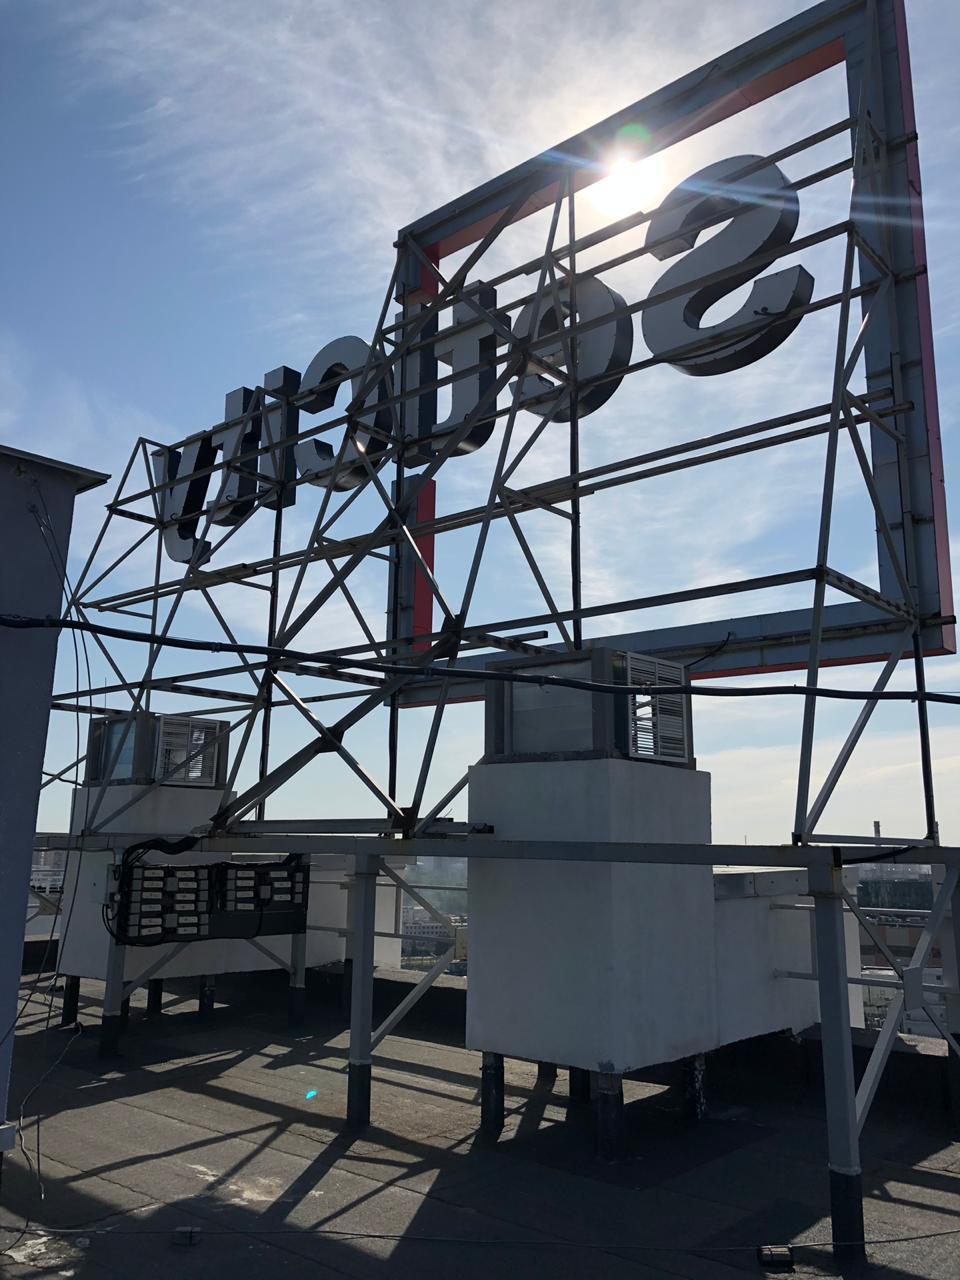 крышная установка, крышные установки в жк, изготовление крышных установок, крышная установка setlcity, крышная установка ЗимаЛето